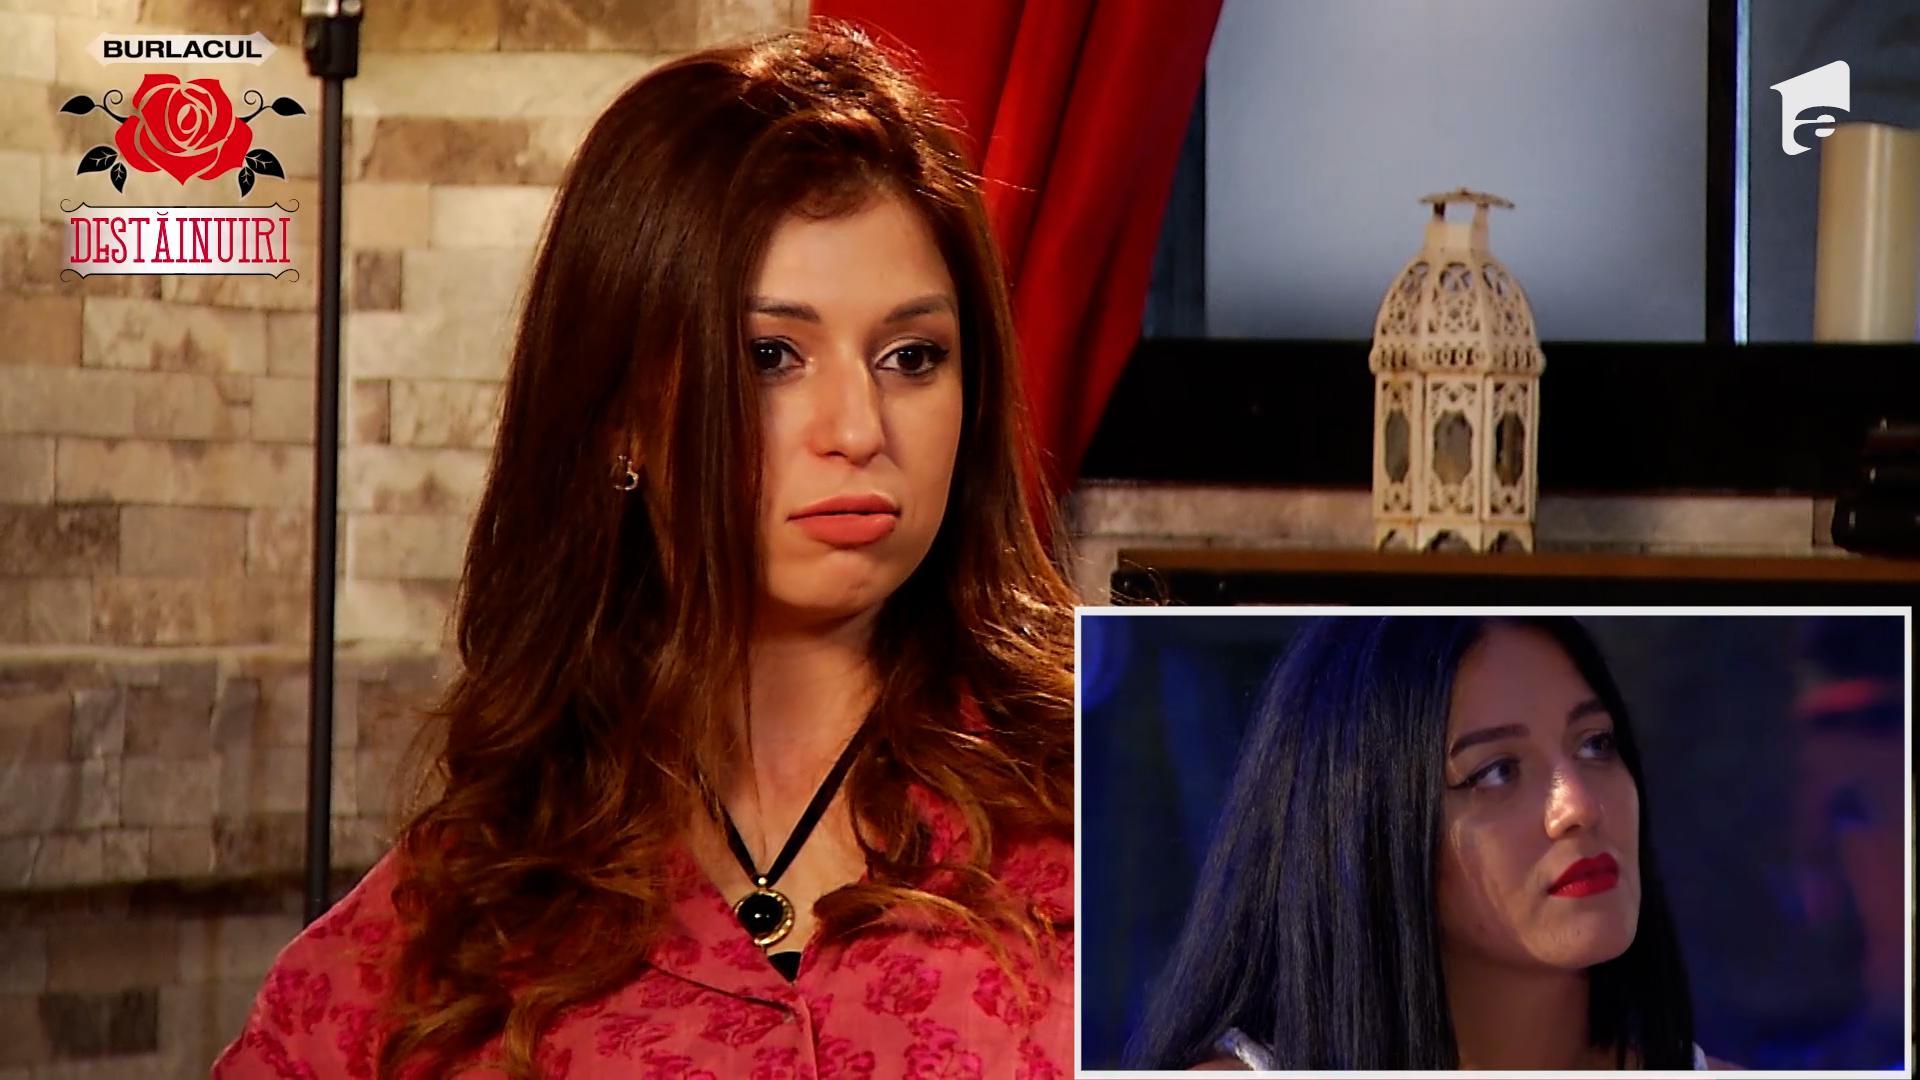 Burlacul - Destăinuiri, 11 iunie 2021. Reacția fetelor după plecarea Catrinei din casă i-a dat de gândit lui Andi Constantin